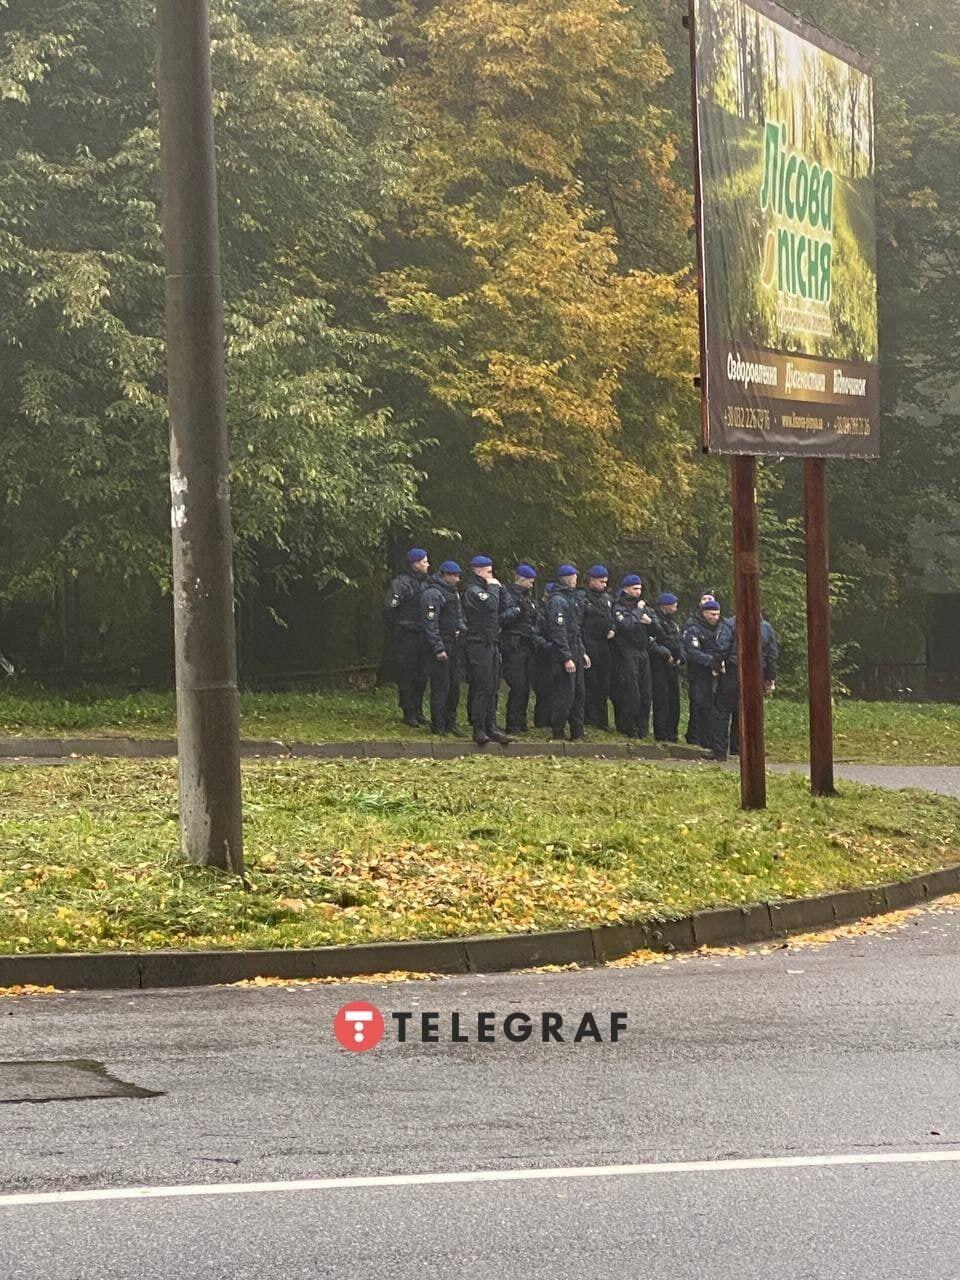 Біля готелю Rixos чергує багато поліції